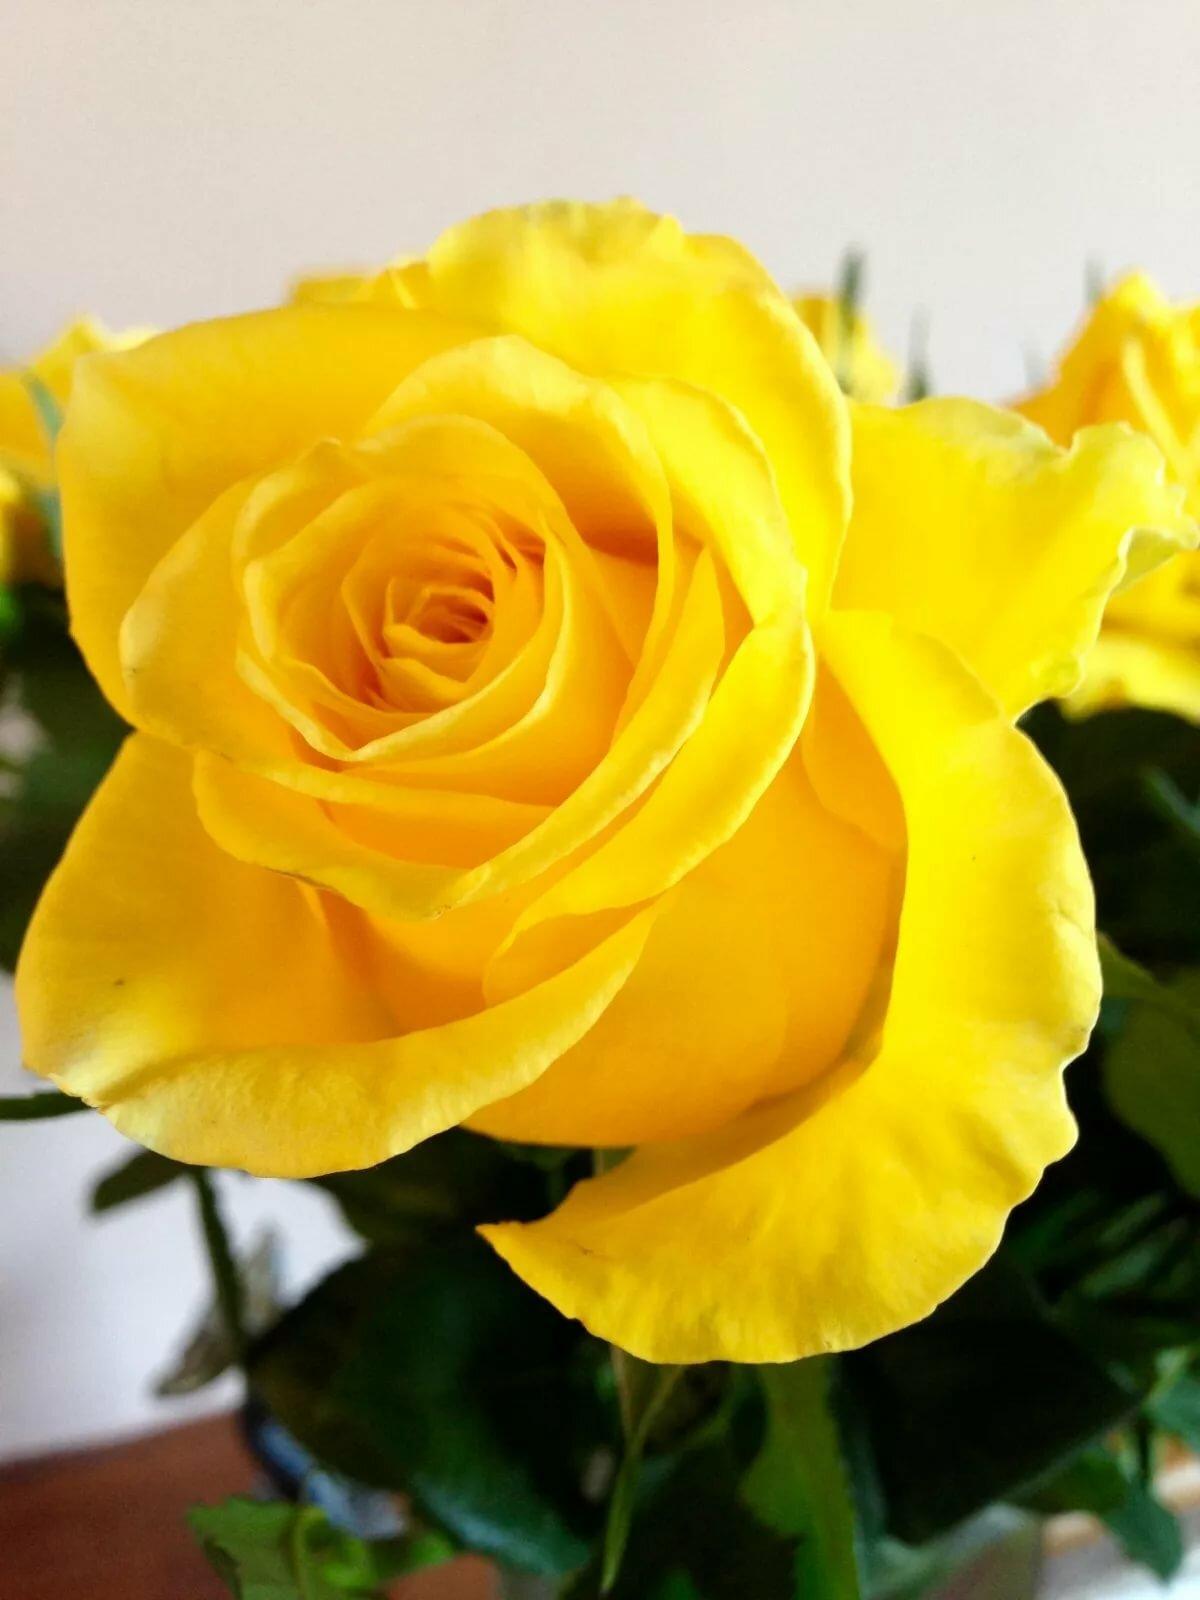 представить желтые розы фотографии видео-урок